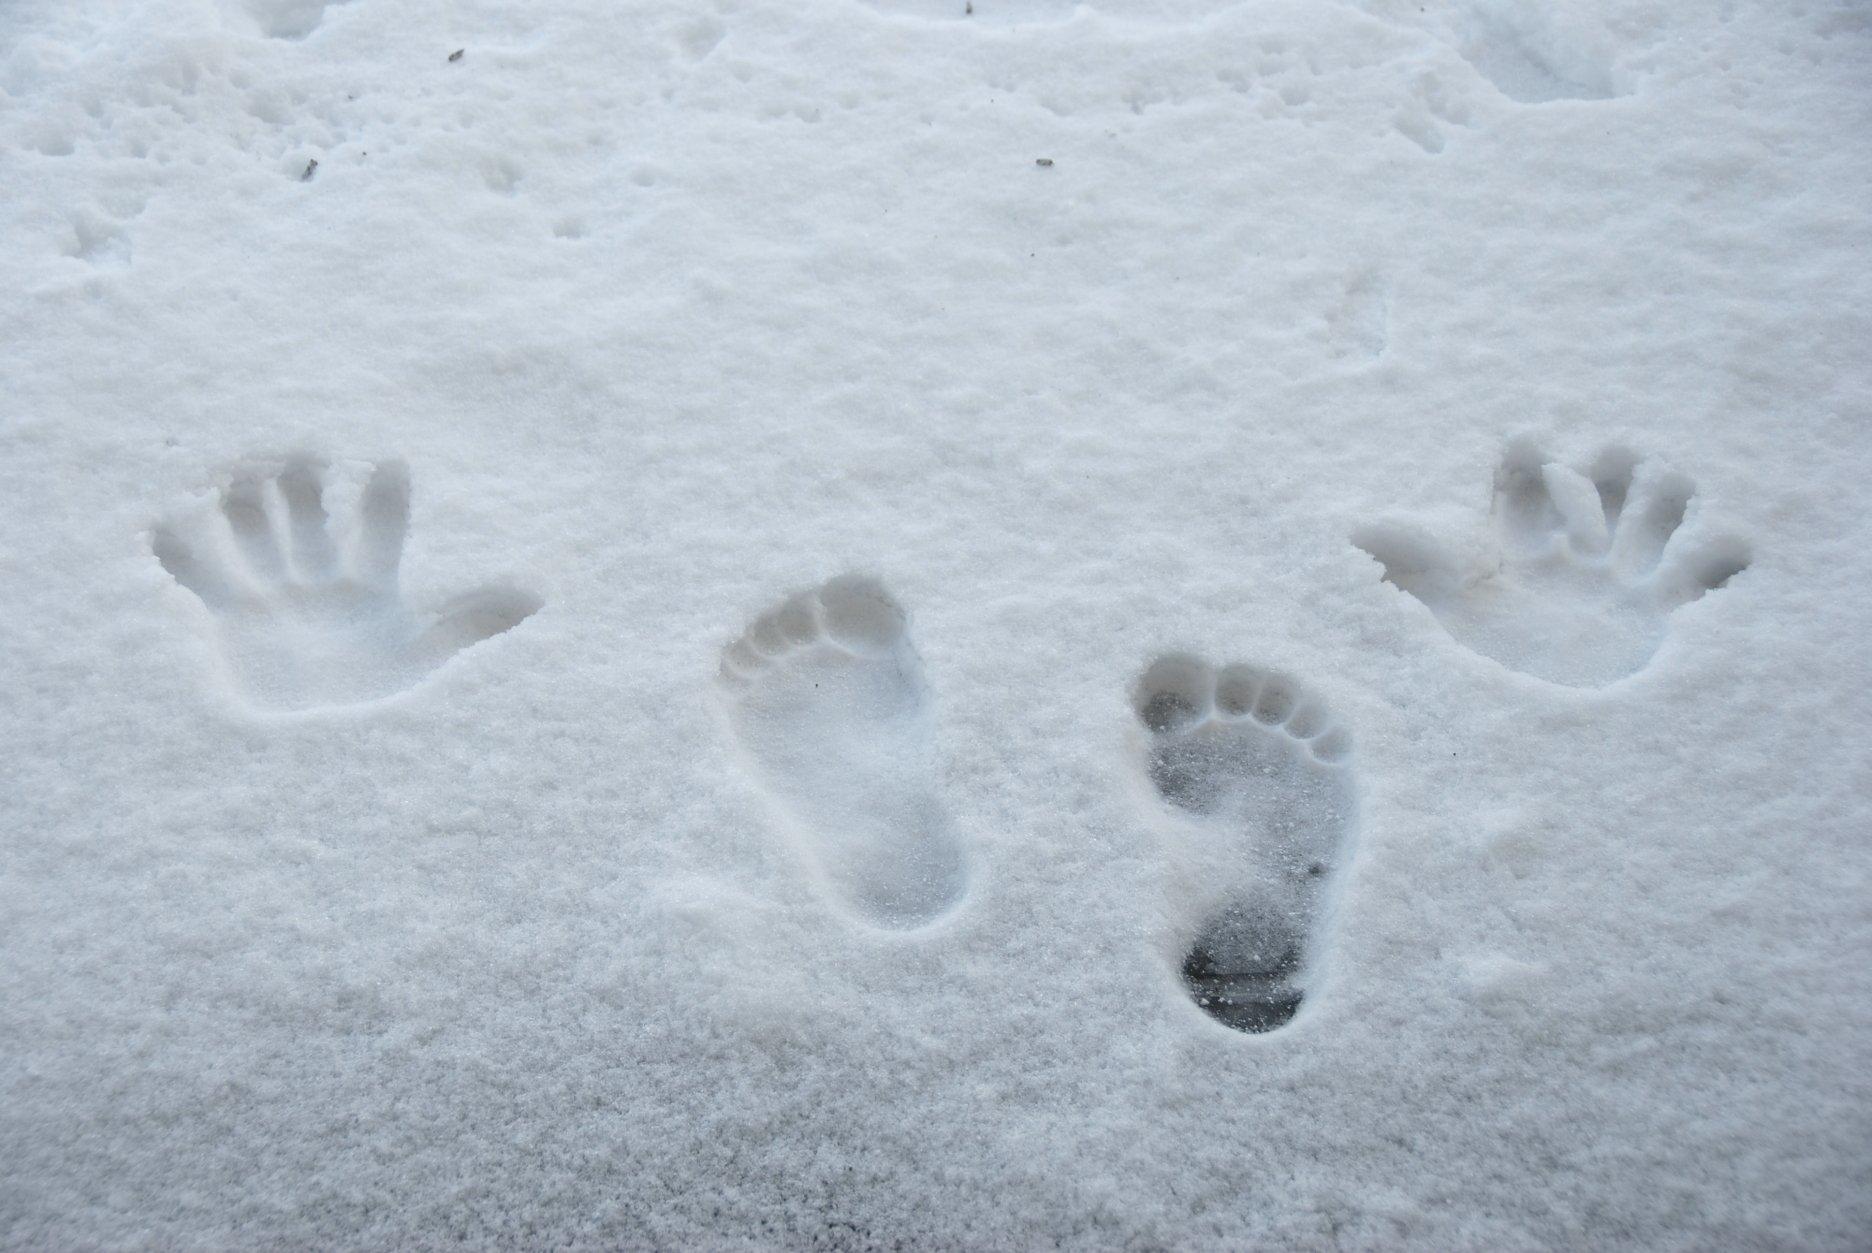 фото следов человека на снегу может быть однослойной